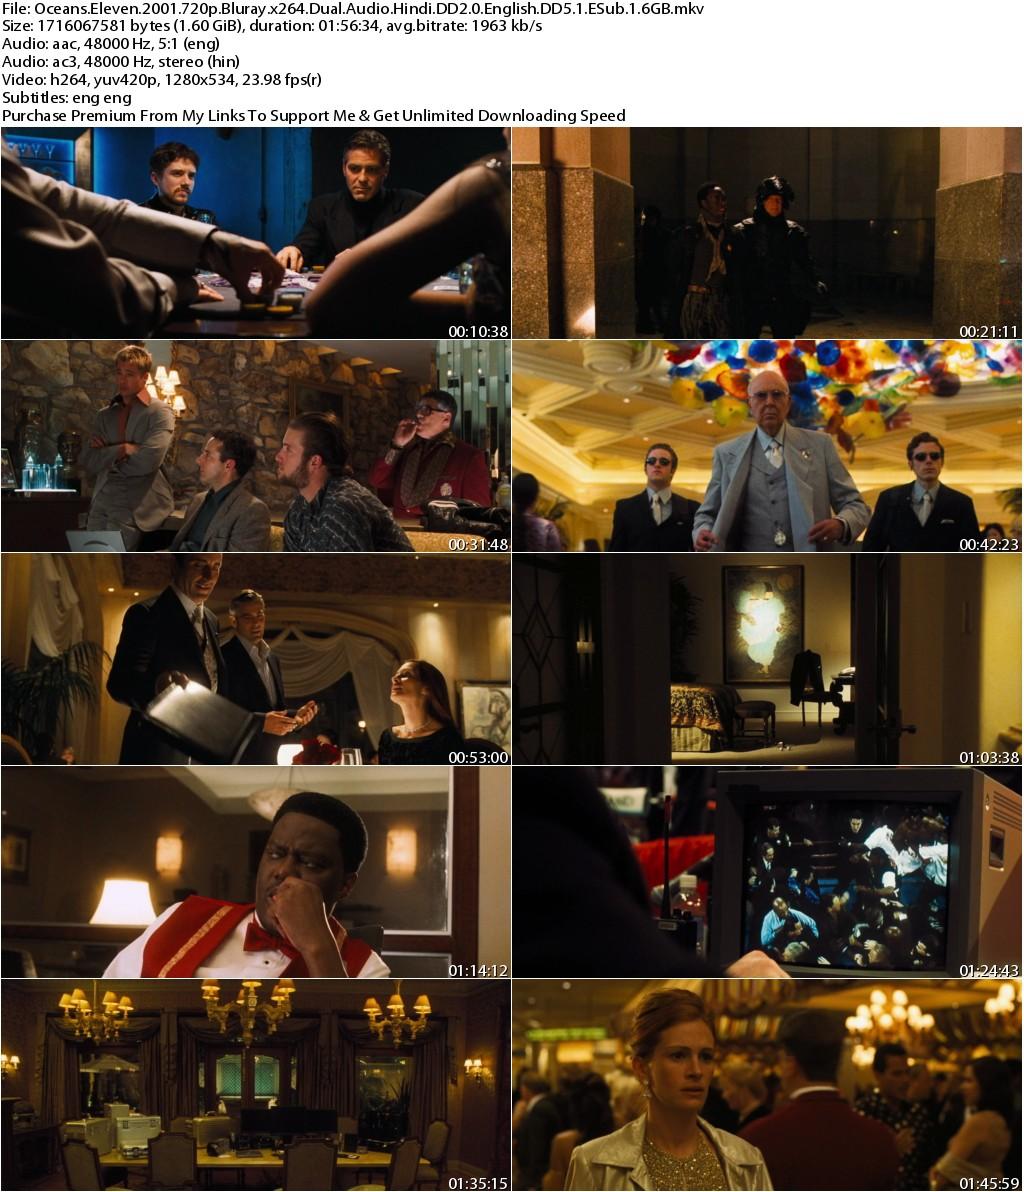 Oceans Eleven (2001) 720p Bluray x264 Dual Audio Hindi DD2.0 English DD5.1 ESub 1.6GB-MA